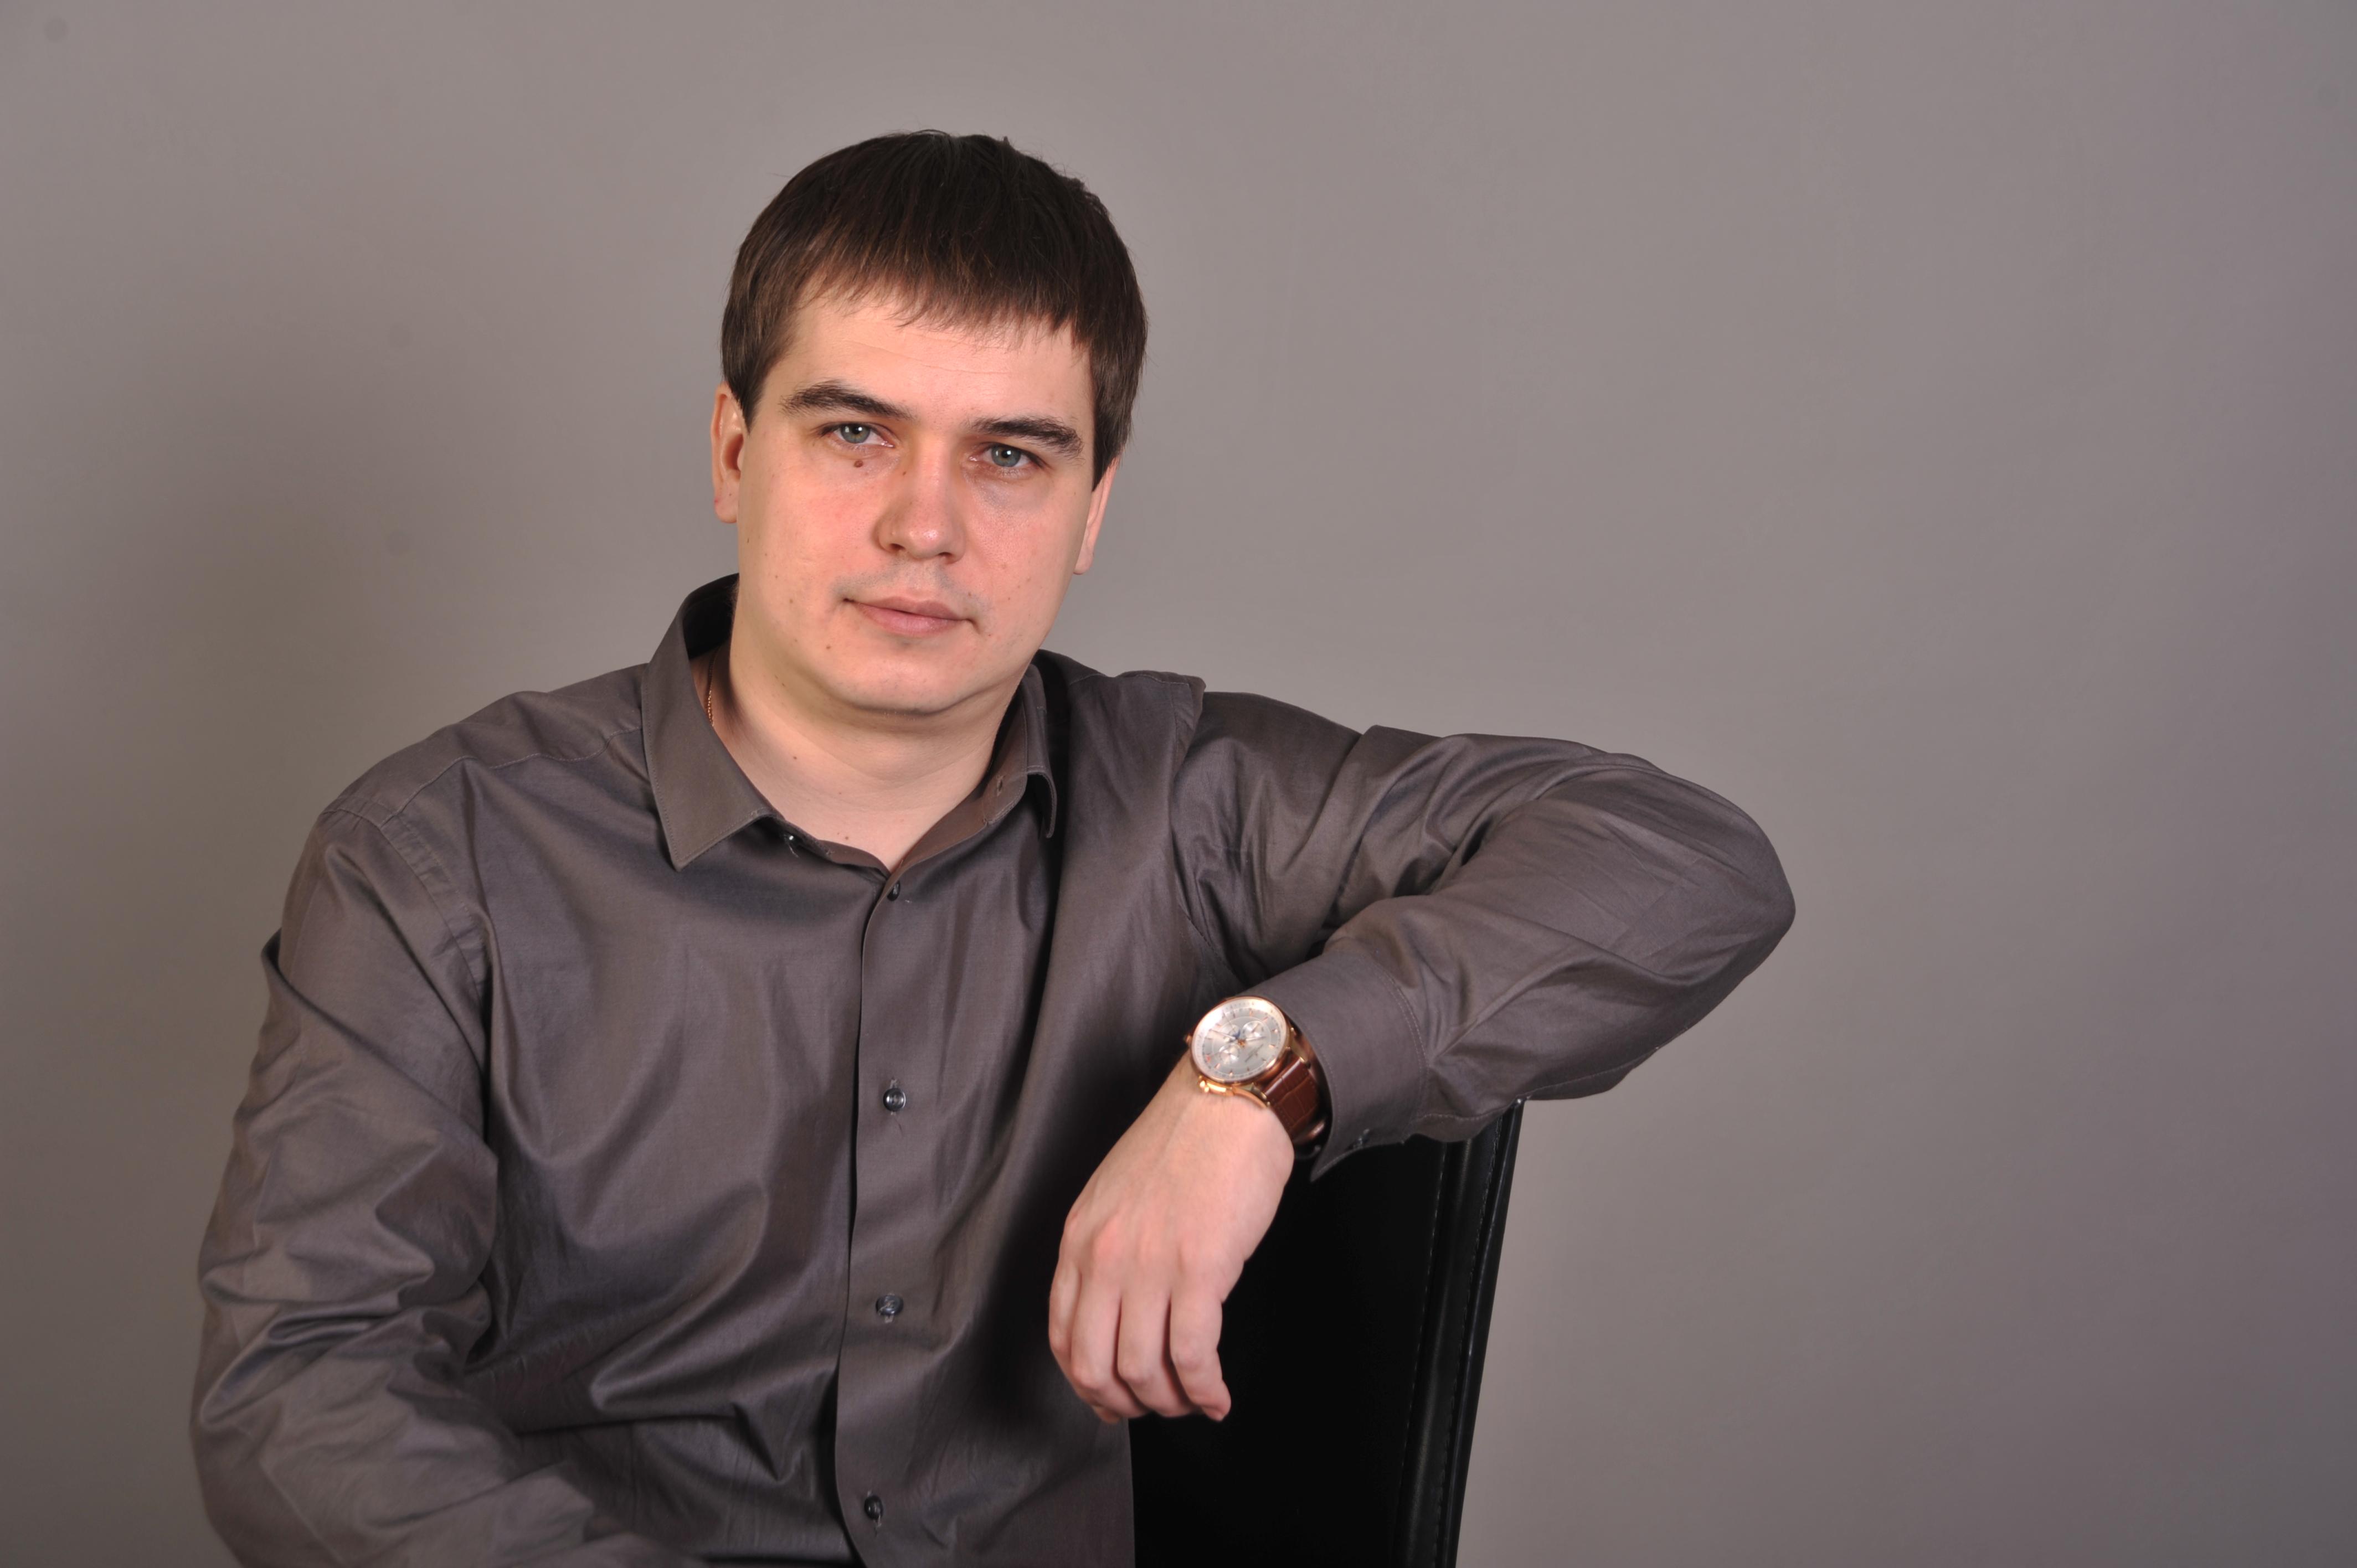 Литвиненко Алексей Дмитриевич. Порядок рассмотрения материалов налоговых проверок